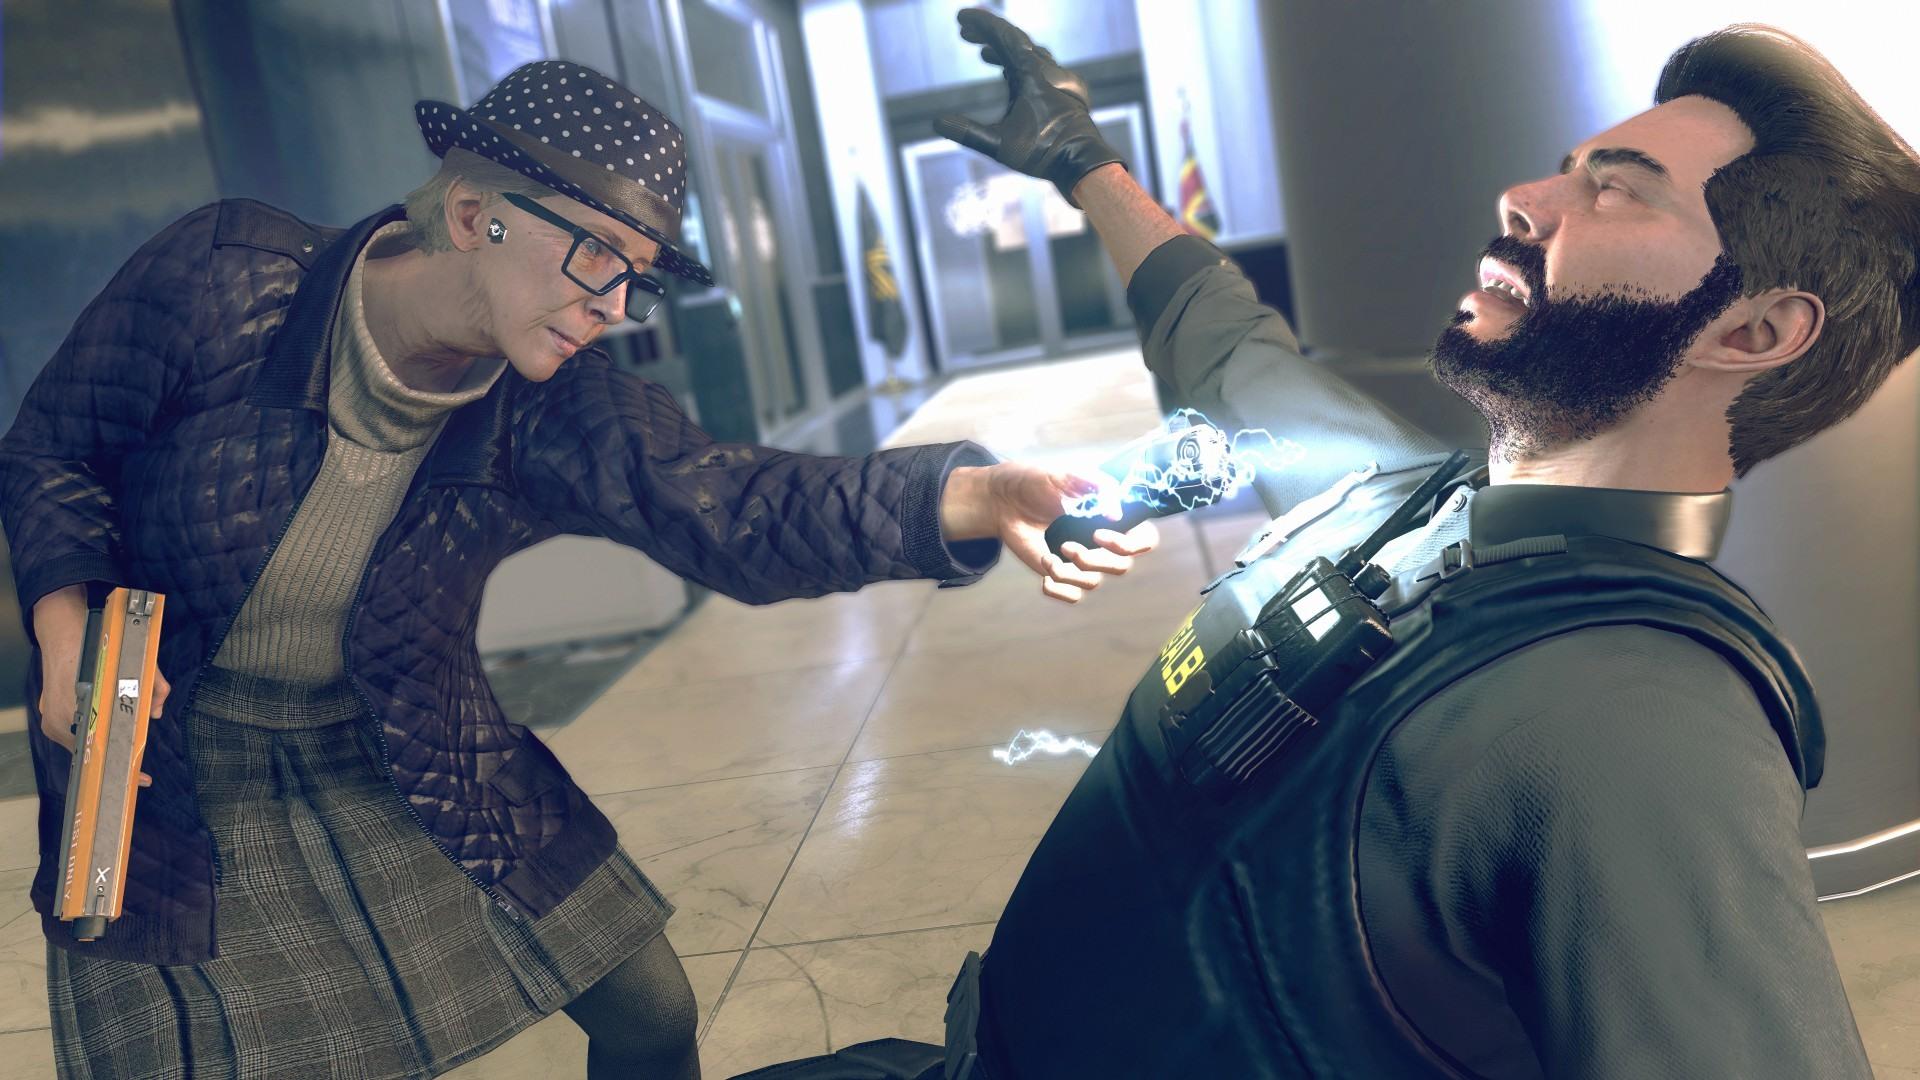 《看门狗:军团》已开发4年 系列首次加入职业系统